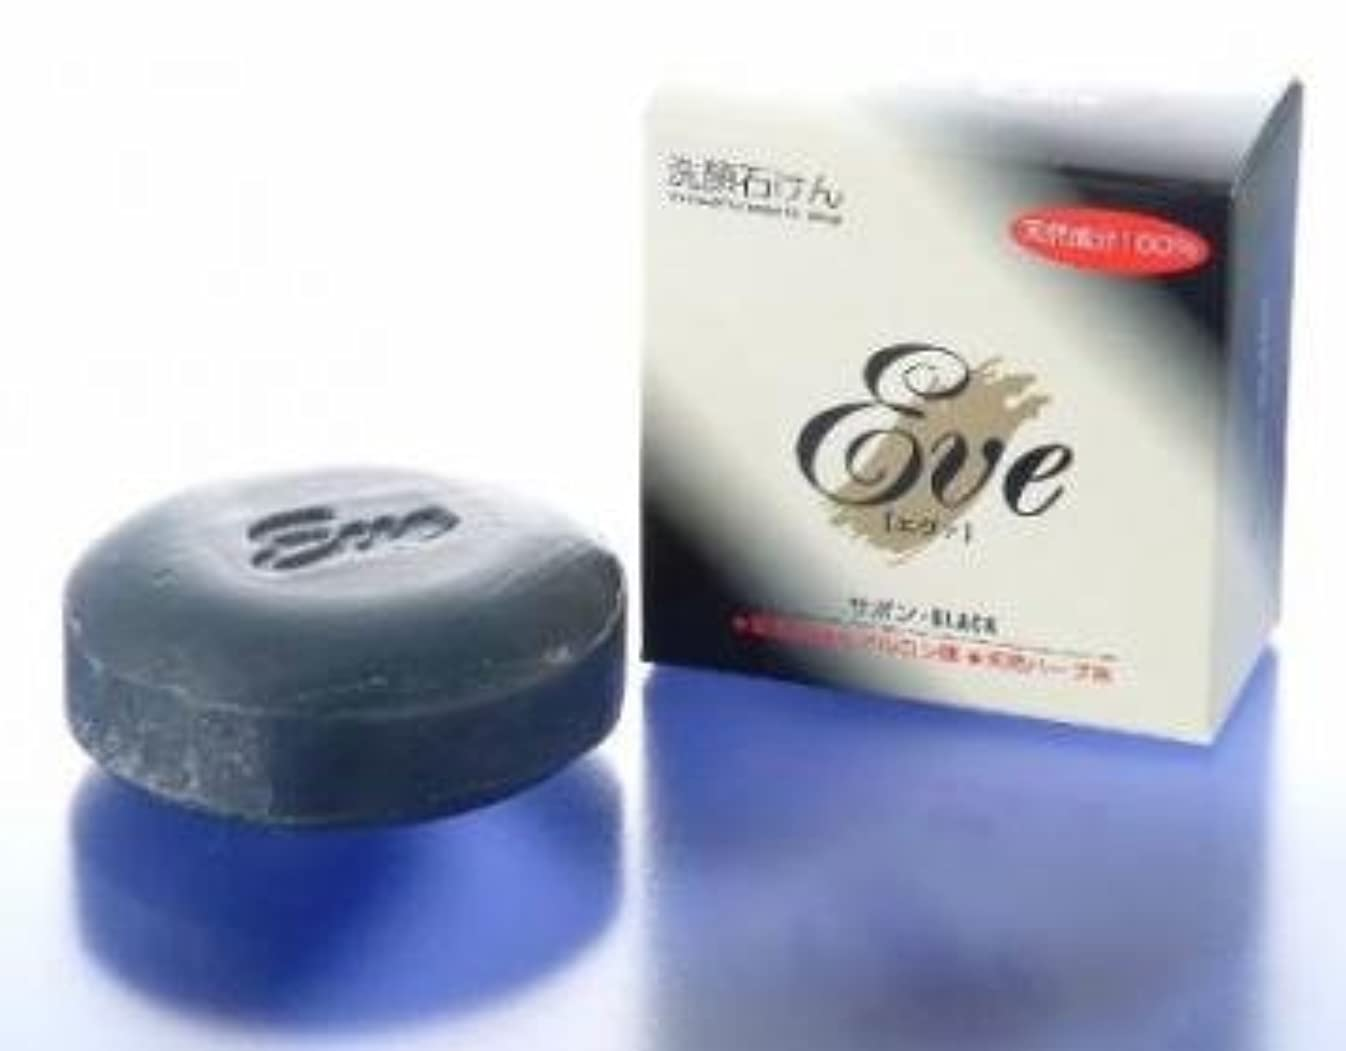 ★6個セット☆炭石鹸 サボンブラック(クレンジングのいらない石鹸)